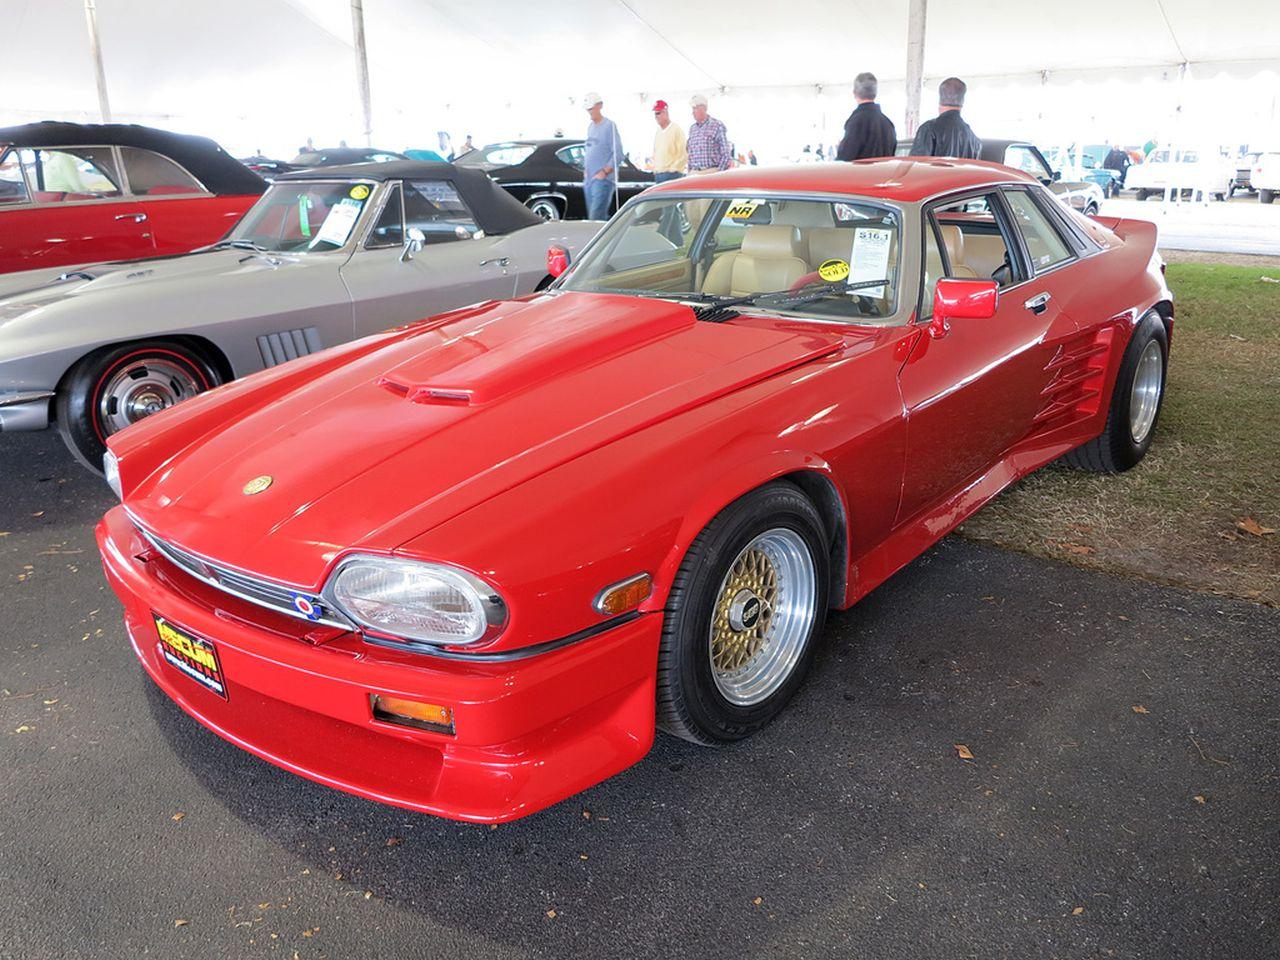 1982 Jaguar XJS Koenig Specials - Parce qu'en soi ton avis... 6